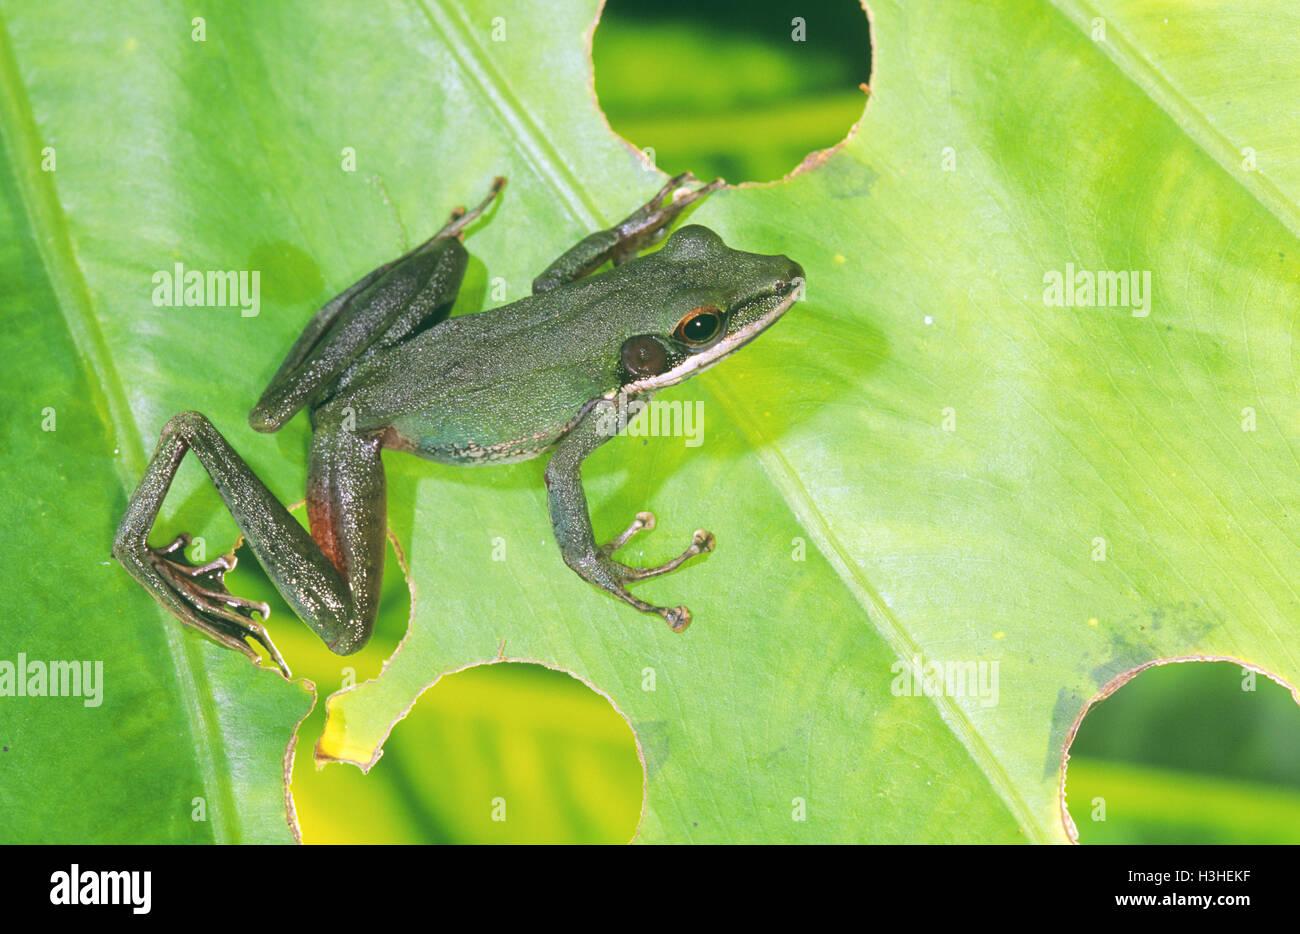 White-lipped frog (Hylarana raniceps) - Stock Image